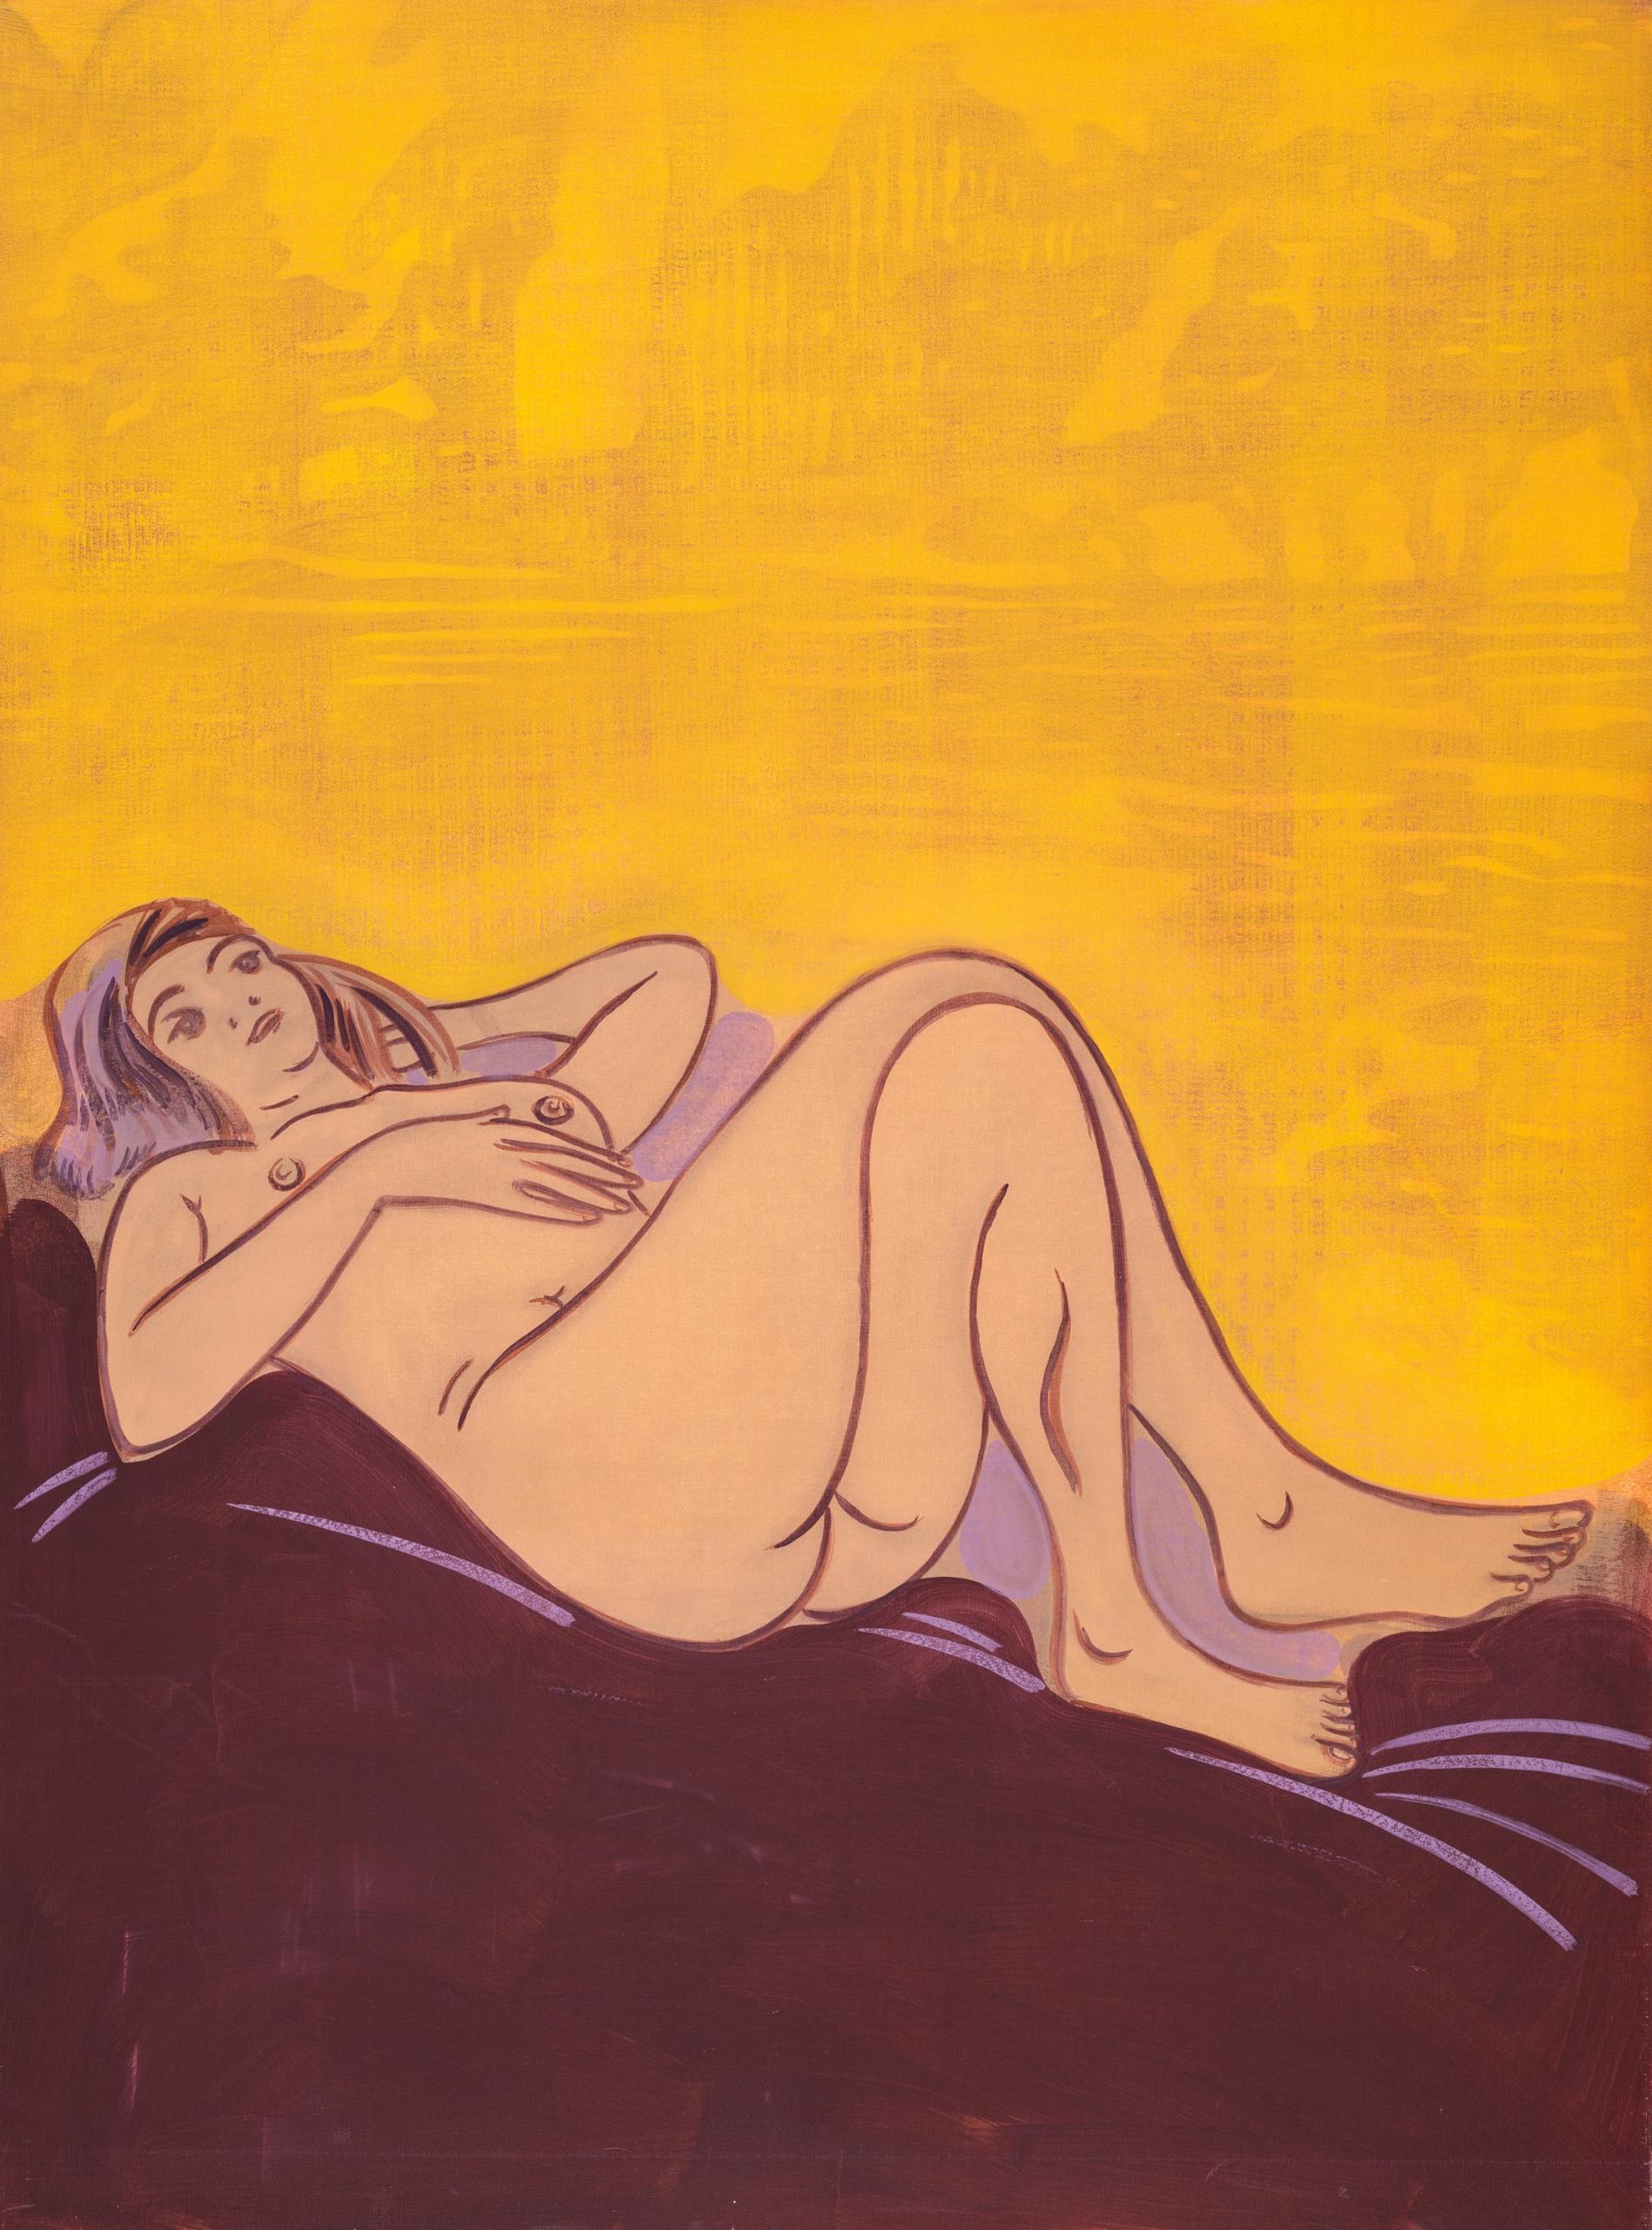 Hubert Schmalix, Ohne Titel (Weiblicher liegender Akt) / untitled (female nude study)